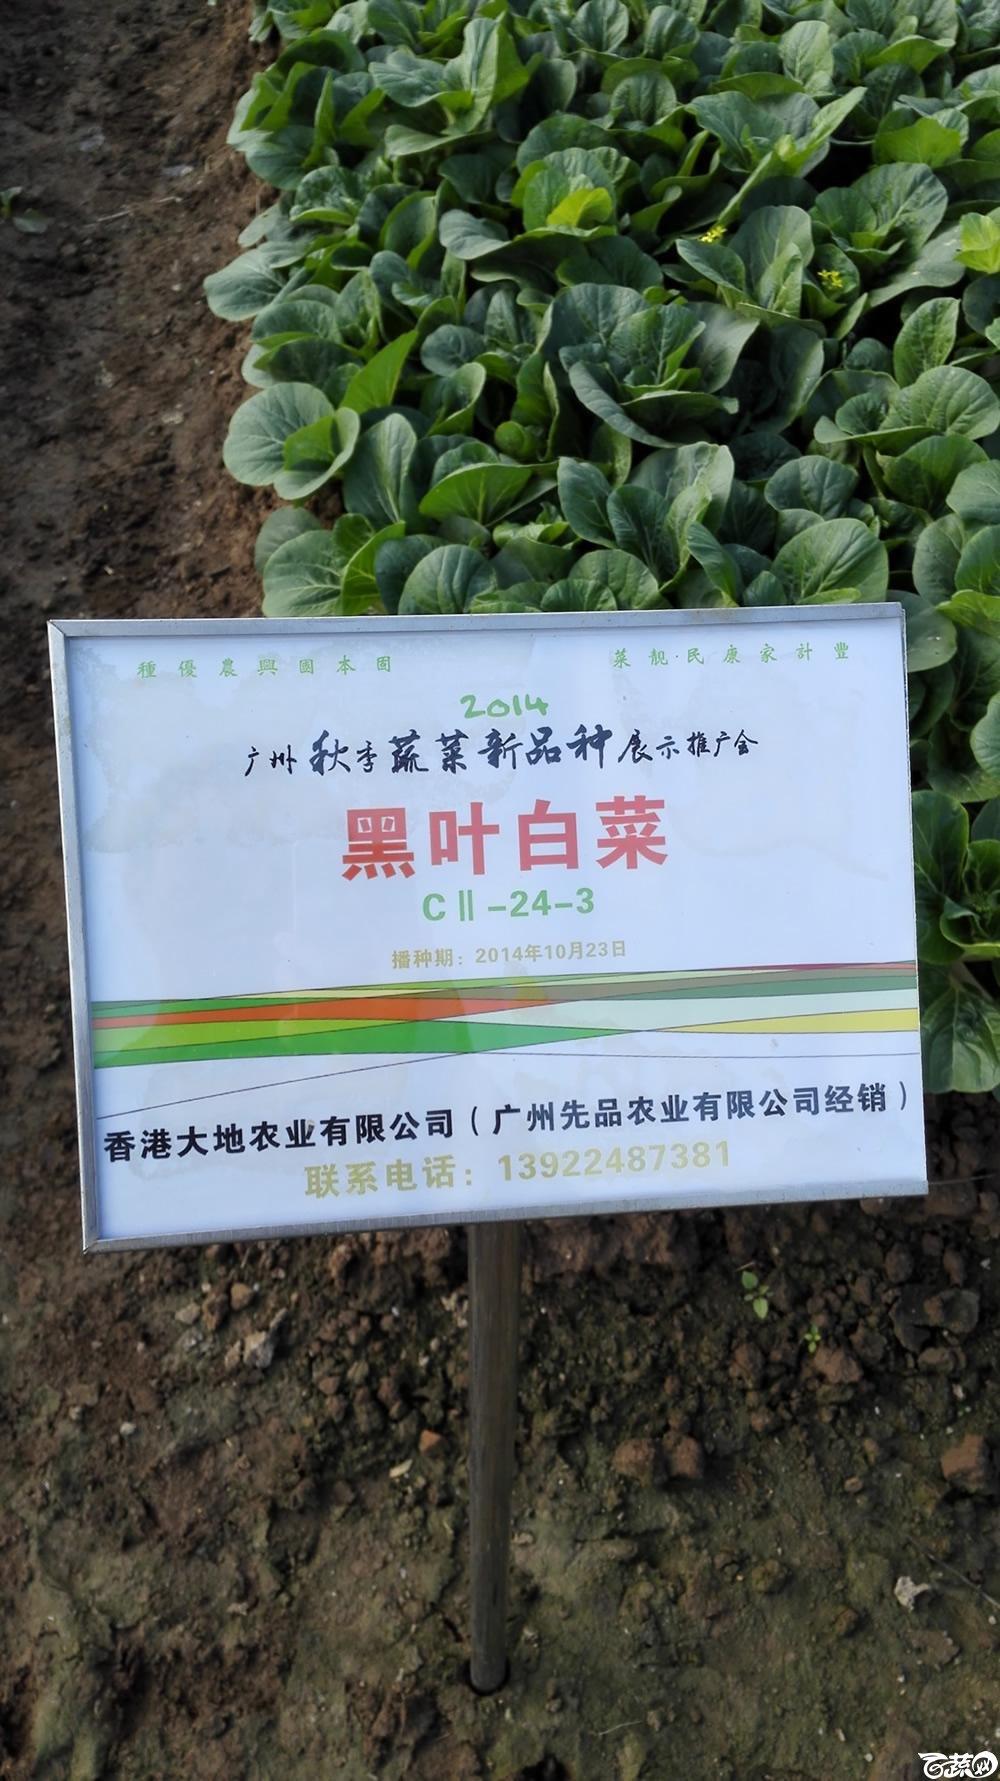 2014年12月10号广州市农科院南沙秋季蔬菜新品种展示会_叶菜_221.jpg